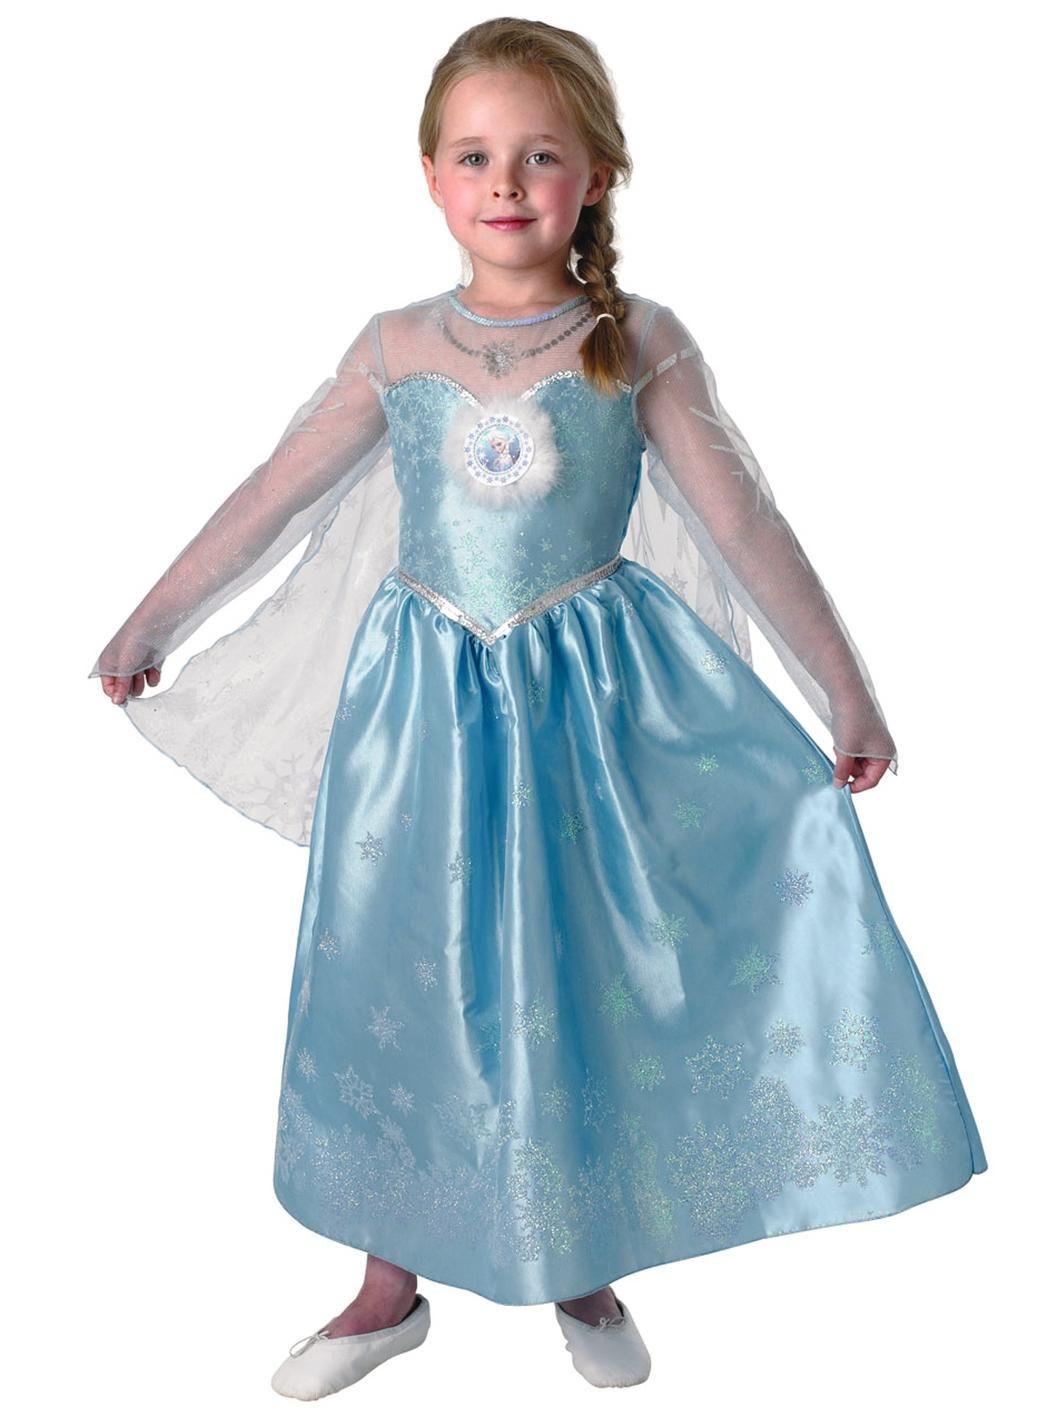 Girls Deluxe Elsa Snow Queen Kids Fancy Dress Costume //.very.co.uk/disney-frozen-girls-deluxe-elsa-snow-queen-kids-fancy- dress-costume/1341857420. ...  sc 1 st  Pinterest & Disney Frozen Girls Deluxe Elsa Snow Queen Kids Fancy Dress Costume ...